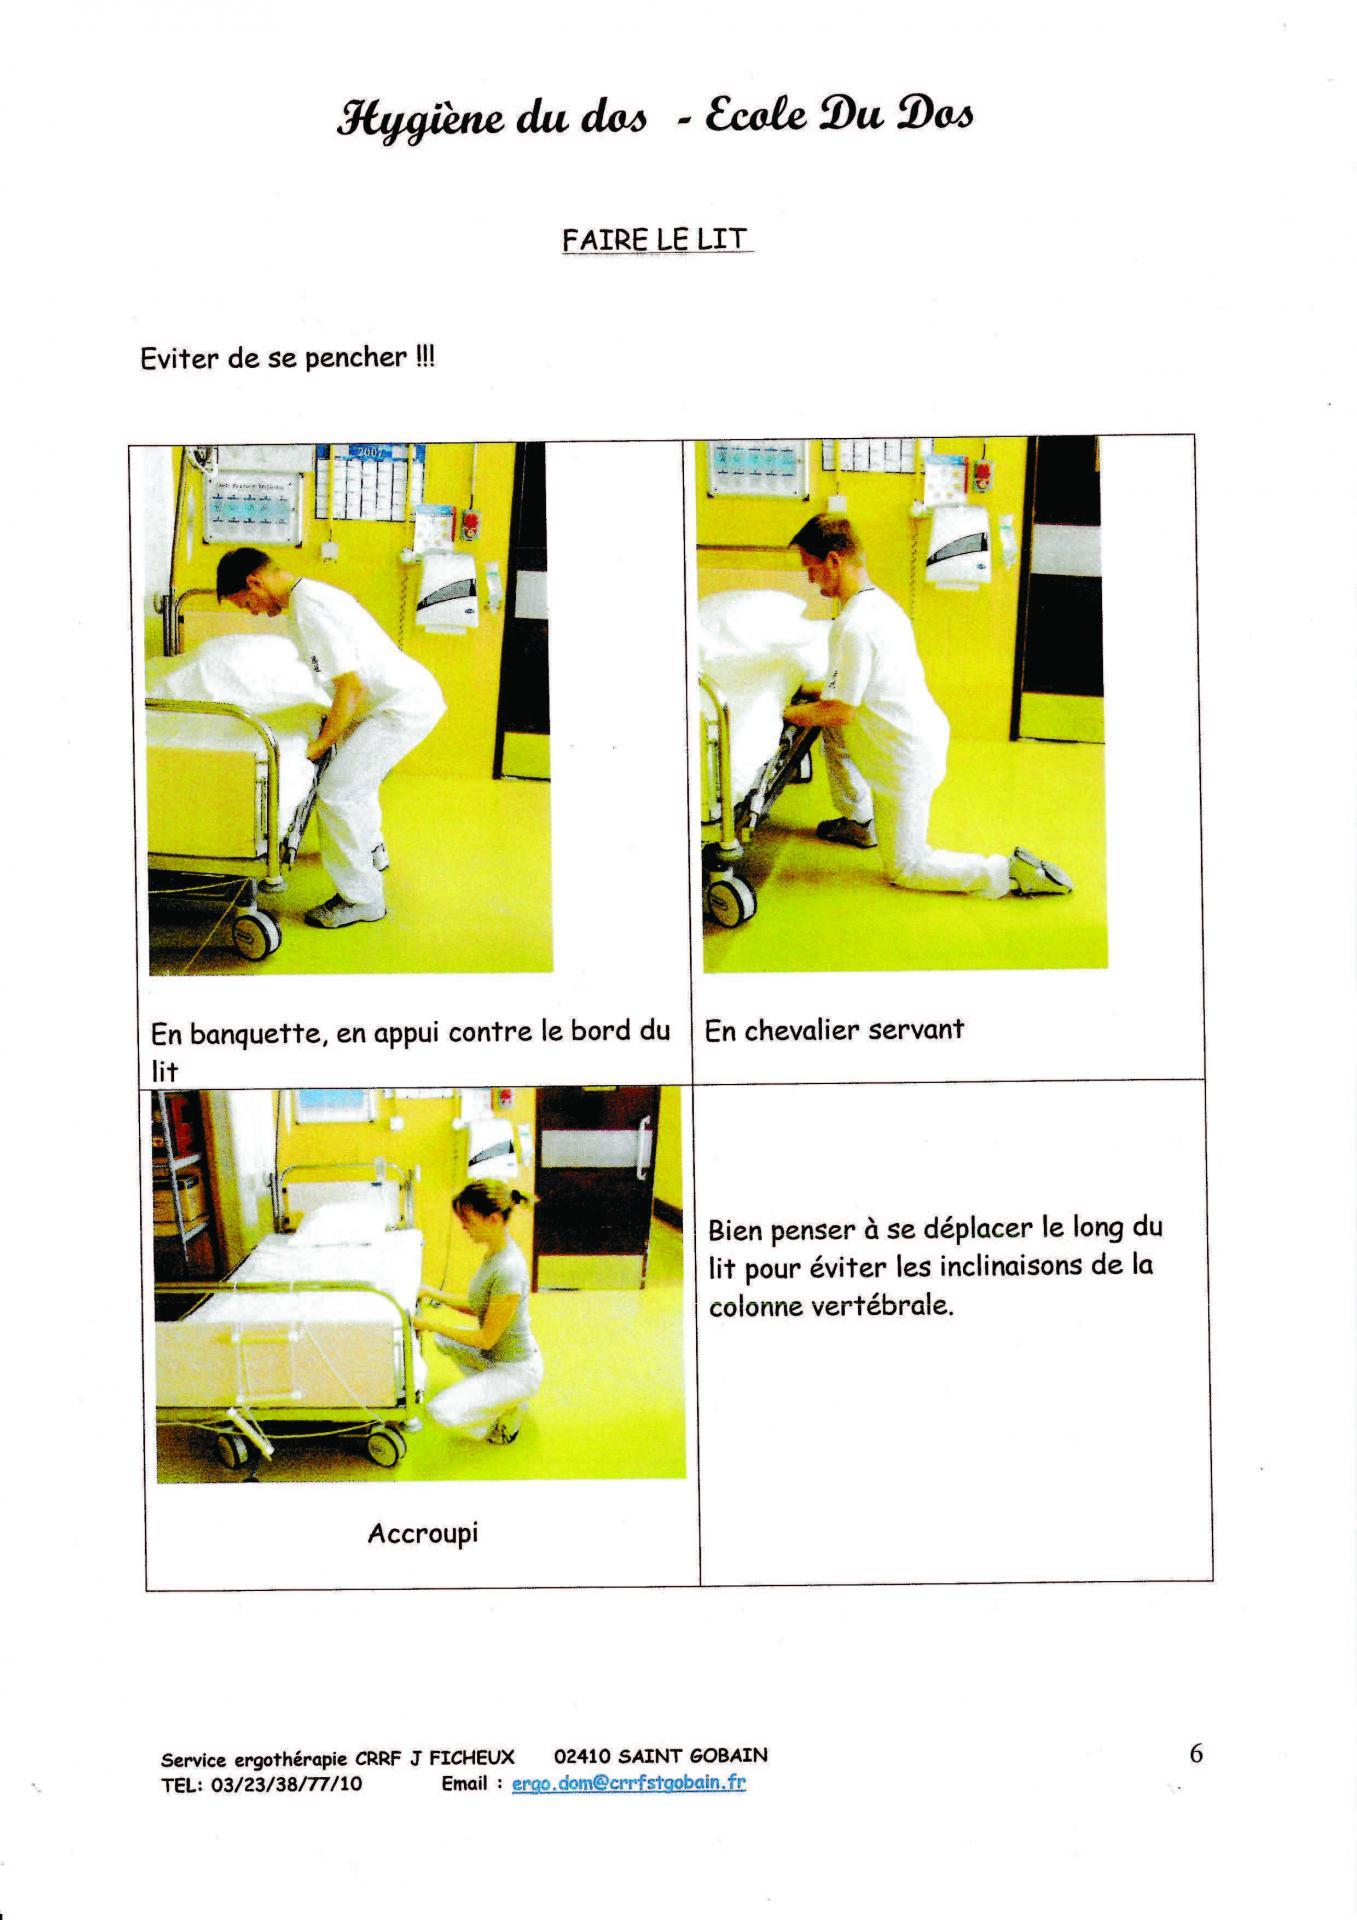 Ecole du dos pdfbis page 06